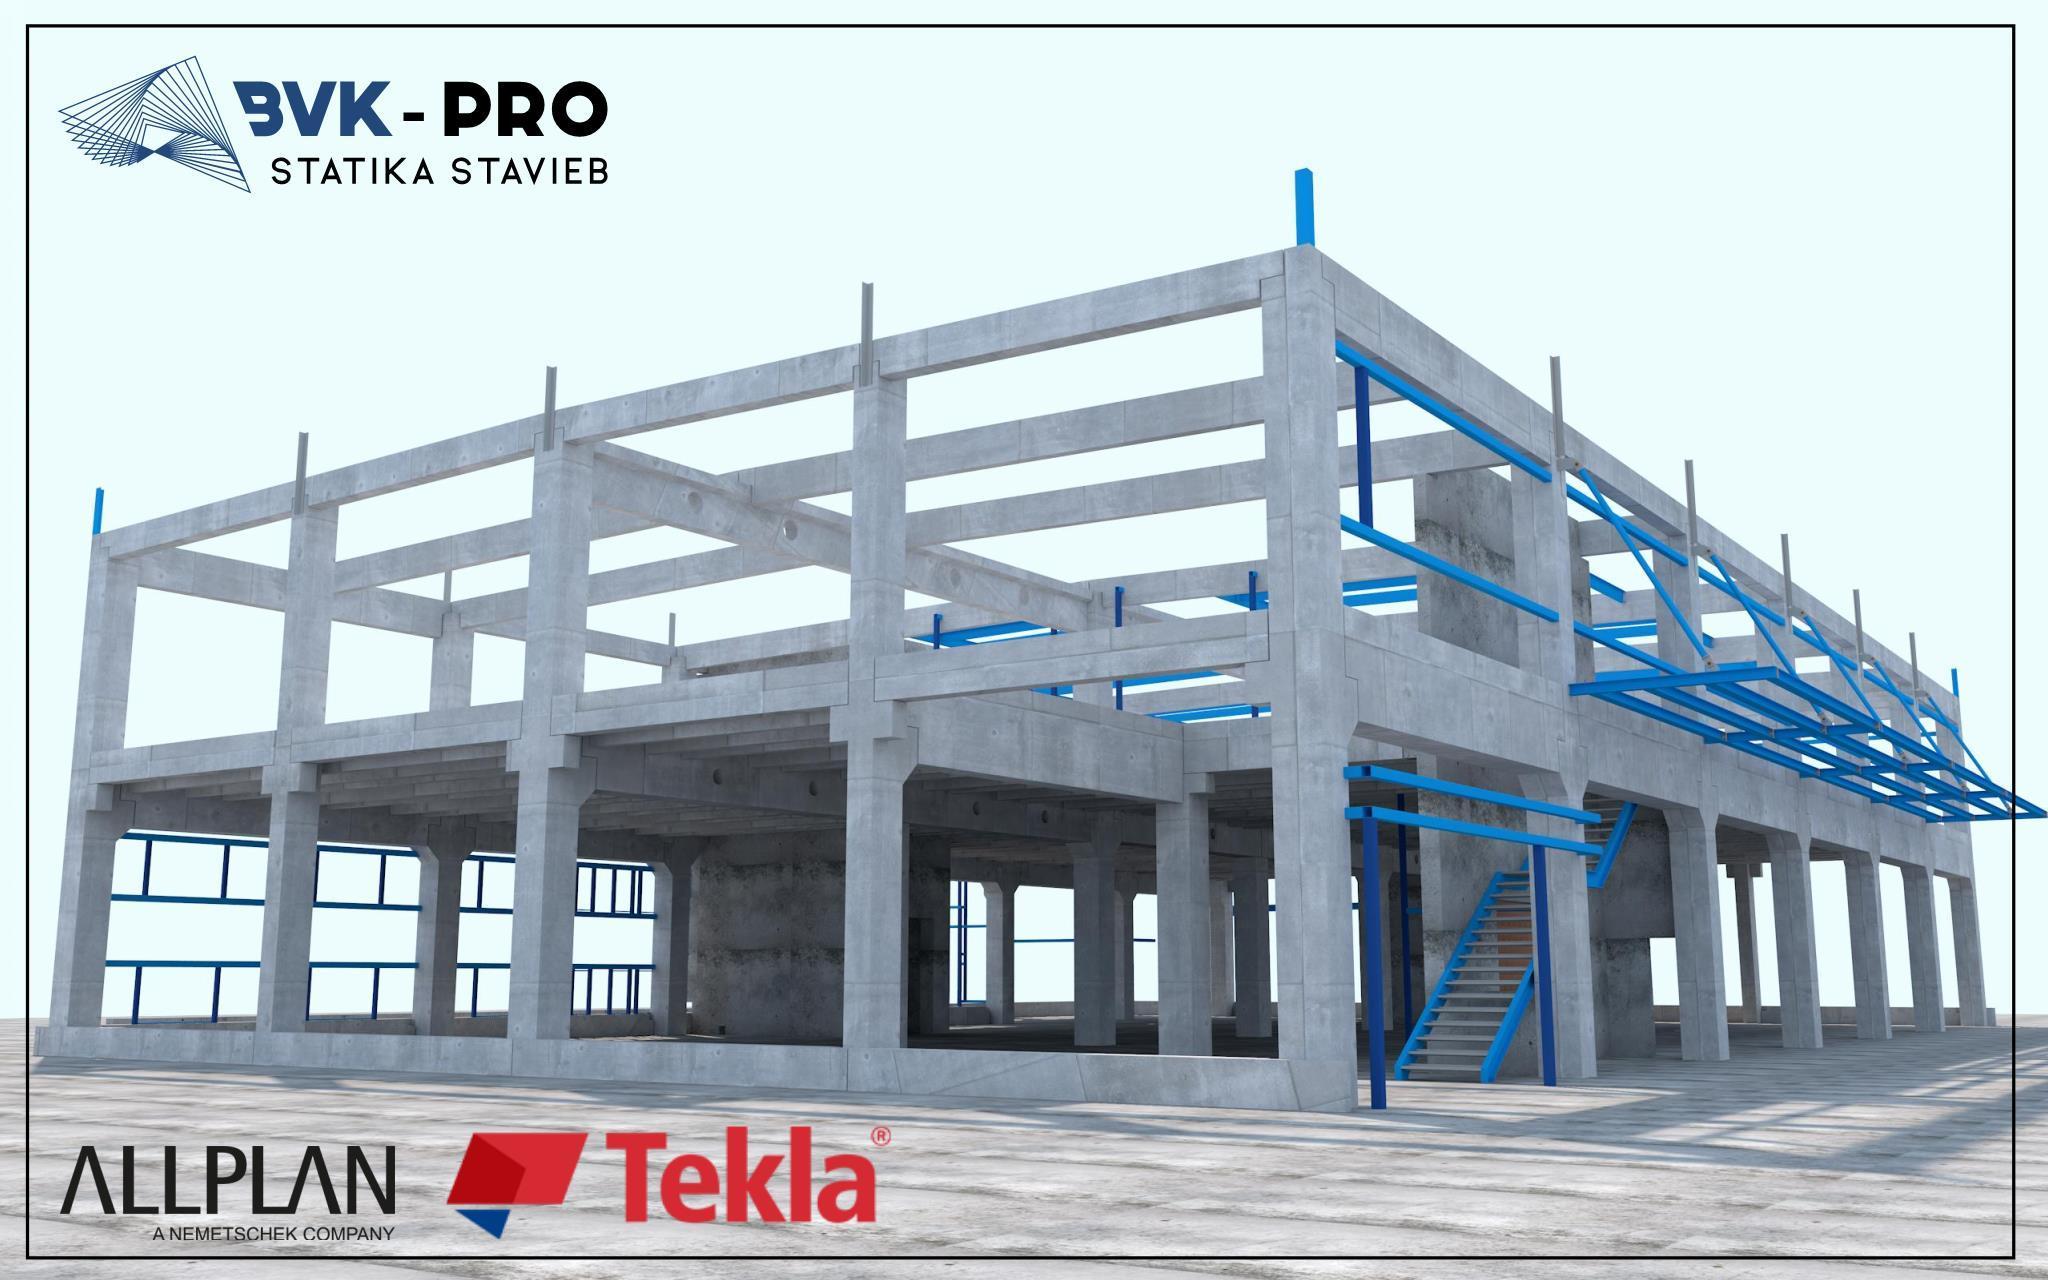 19 227 Rekonštrukcia A Prístavba Skladovej Haly Bvk Pro Page 002